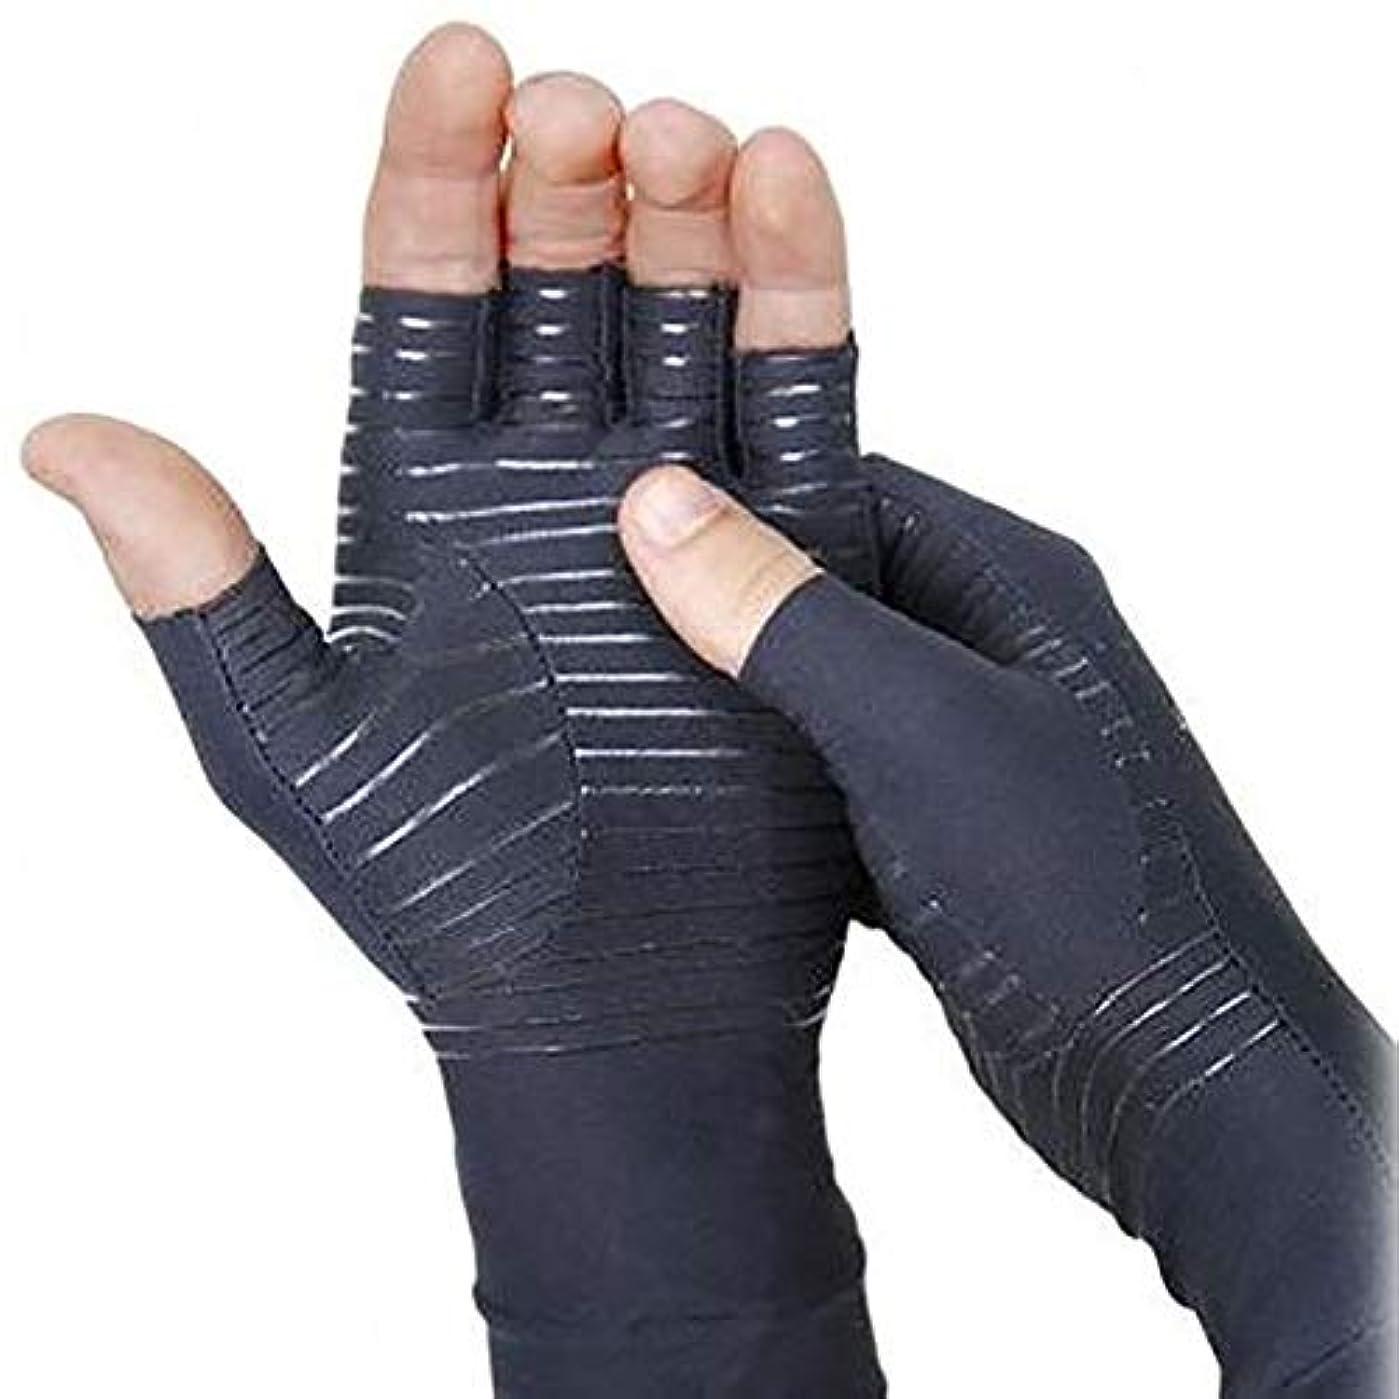 未使用発行緩むBOBORA 関節炎手袋 着圧手袋 指なし手袋 着圧引き締め 銅イオン繊維 関節ストレス 手首サポーター スライドタッチ手袋 男女共用 1ペア入り